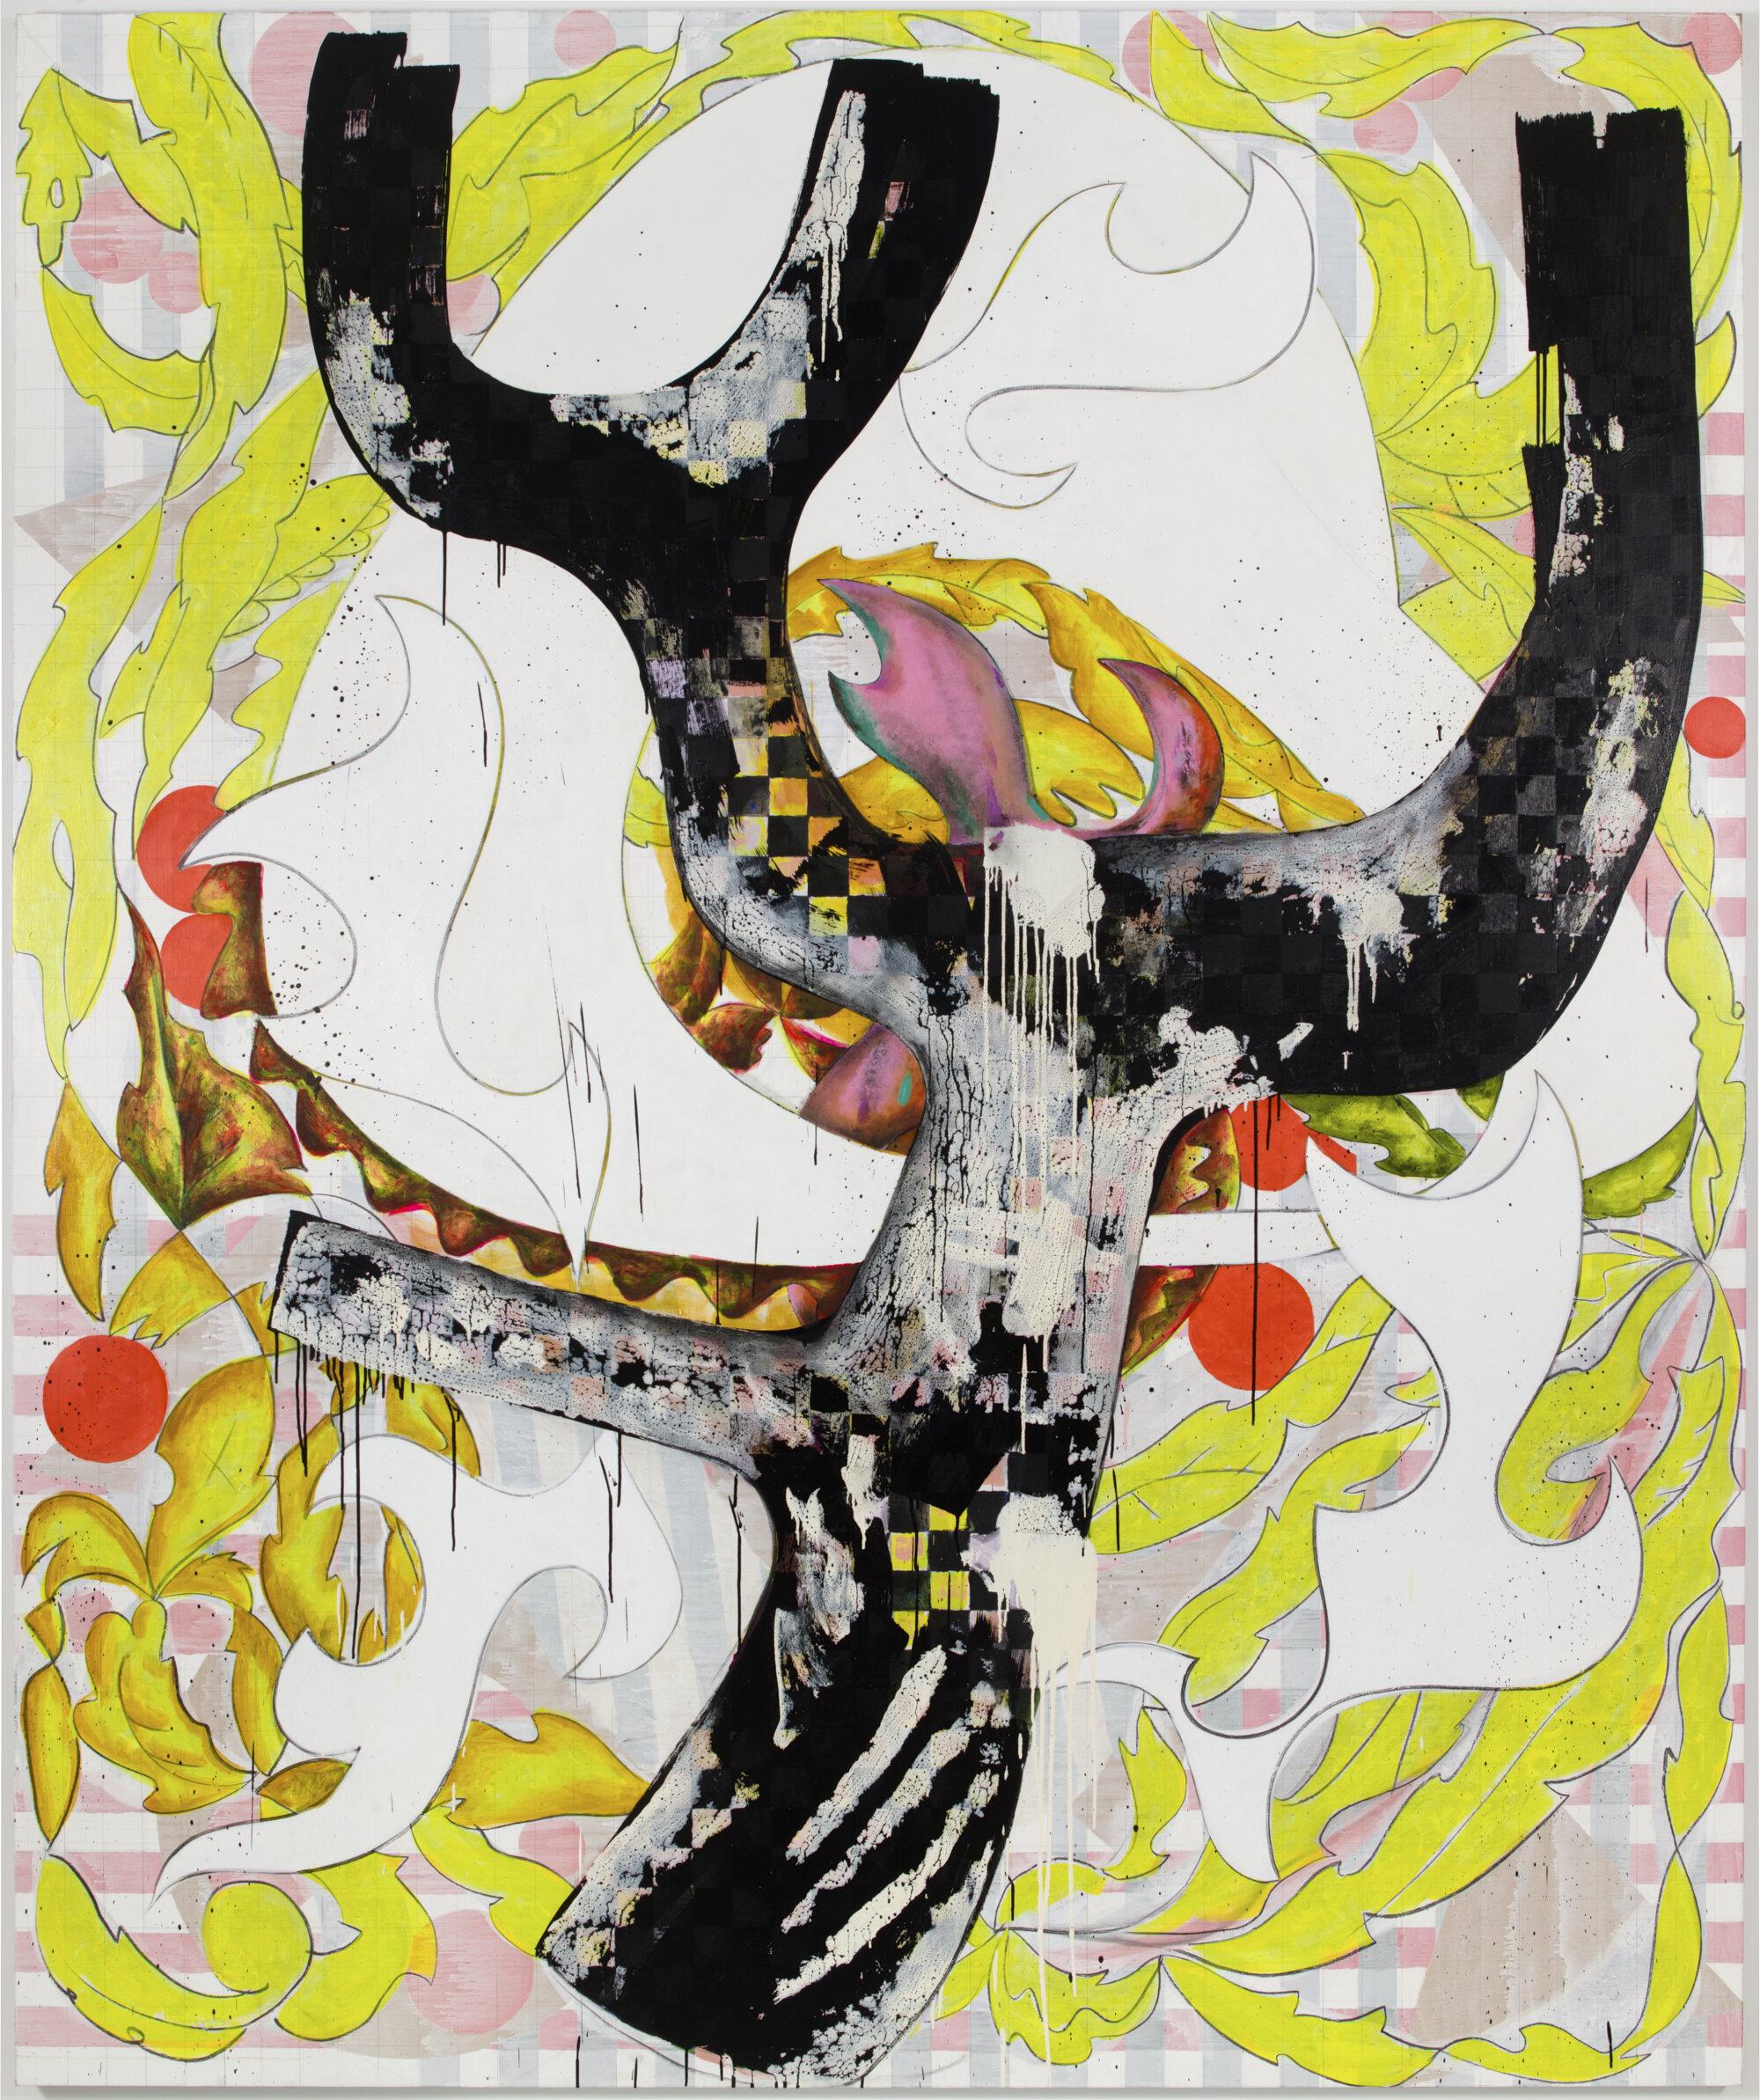 Charline-Von-Hely-Collection-Issue 3.jpg